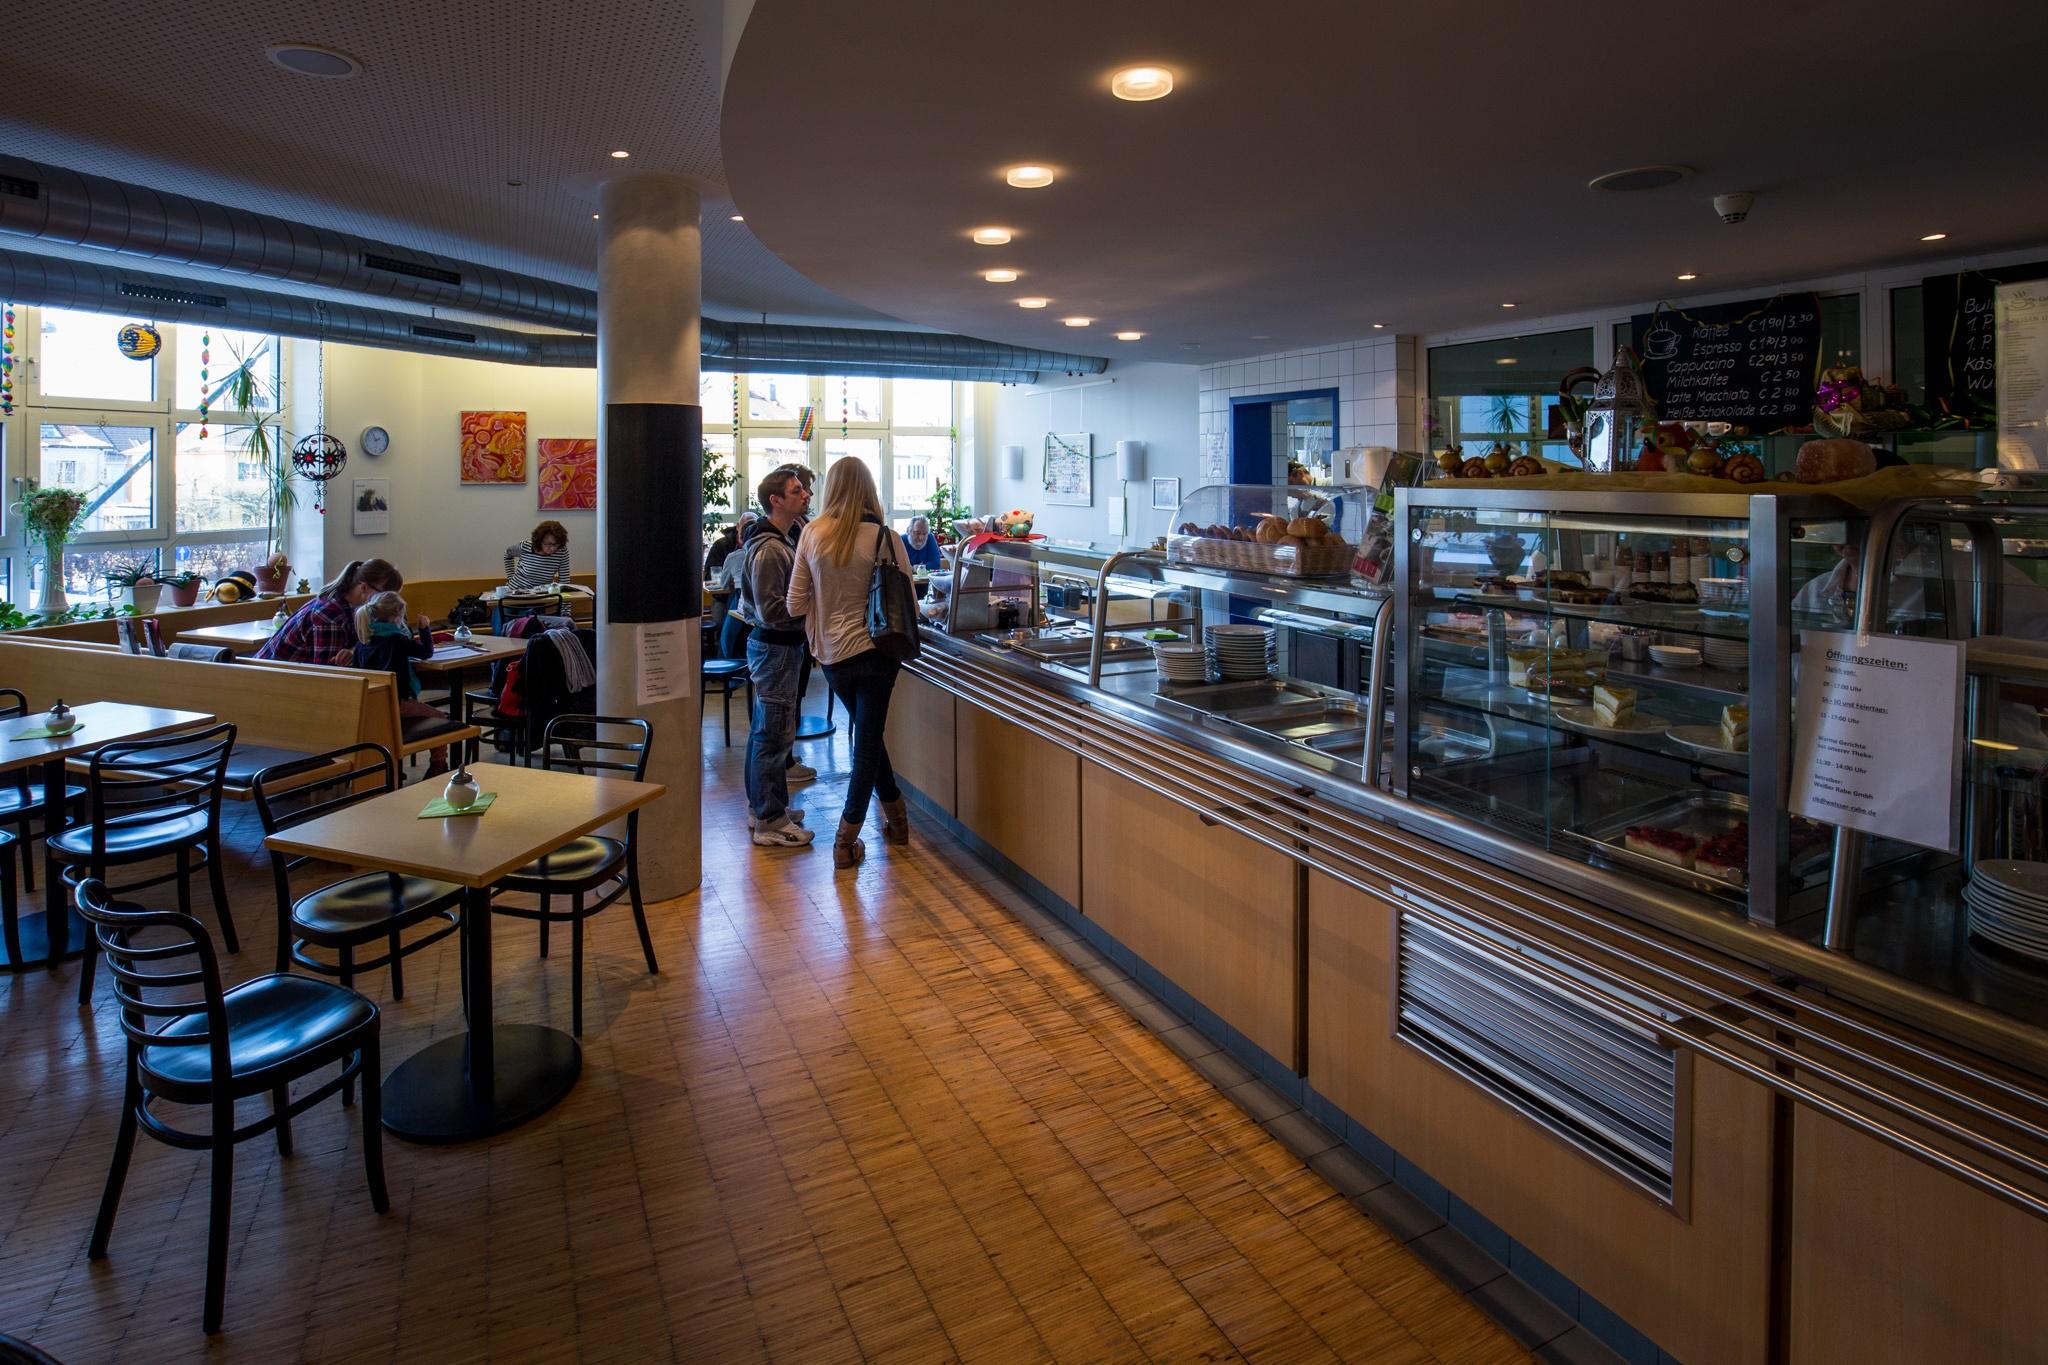 Inklusion in der Praxis – Das Café im Klinikum